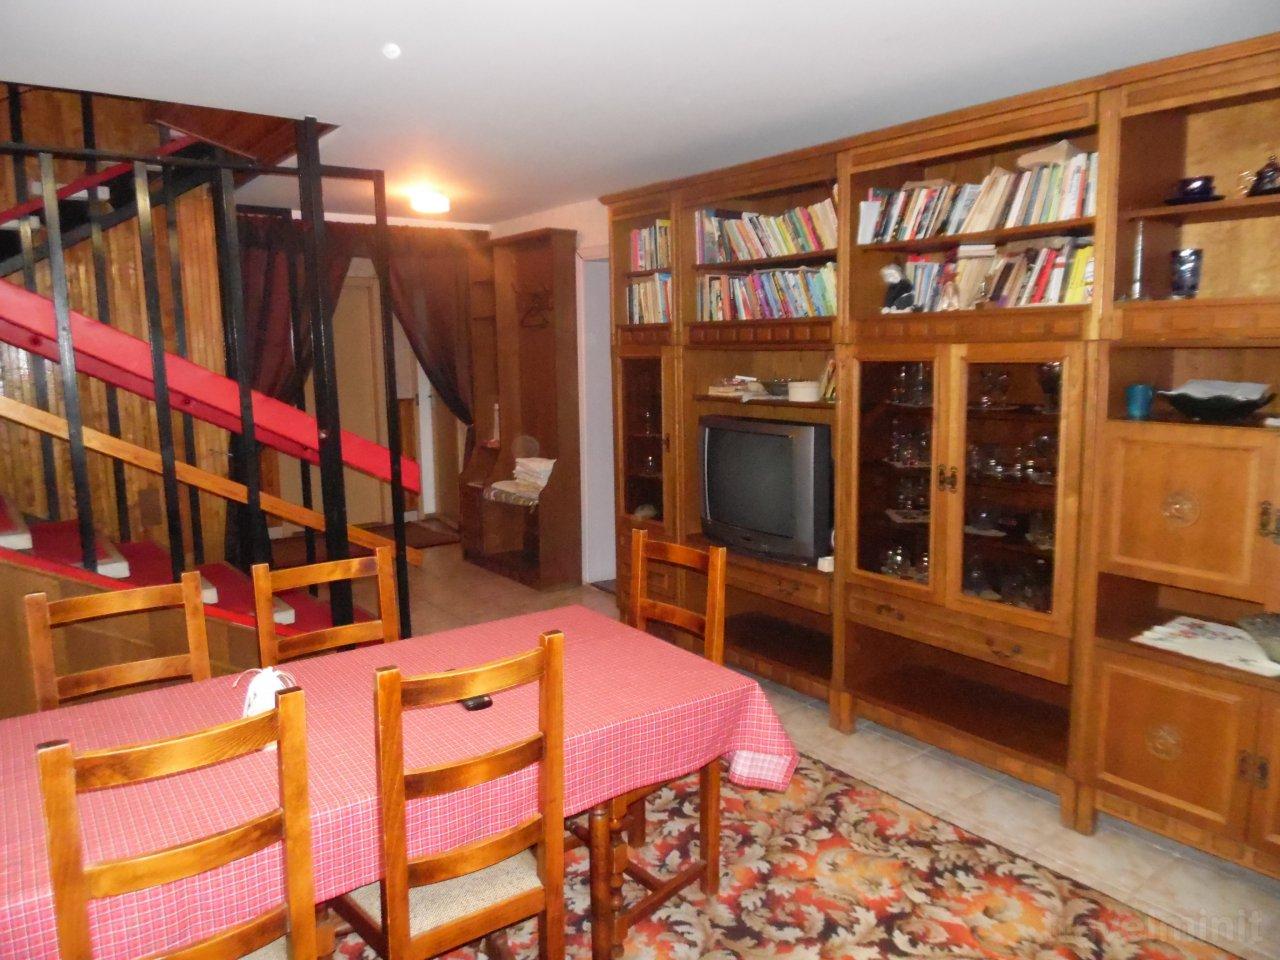 Odu Room Reservation